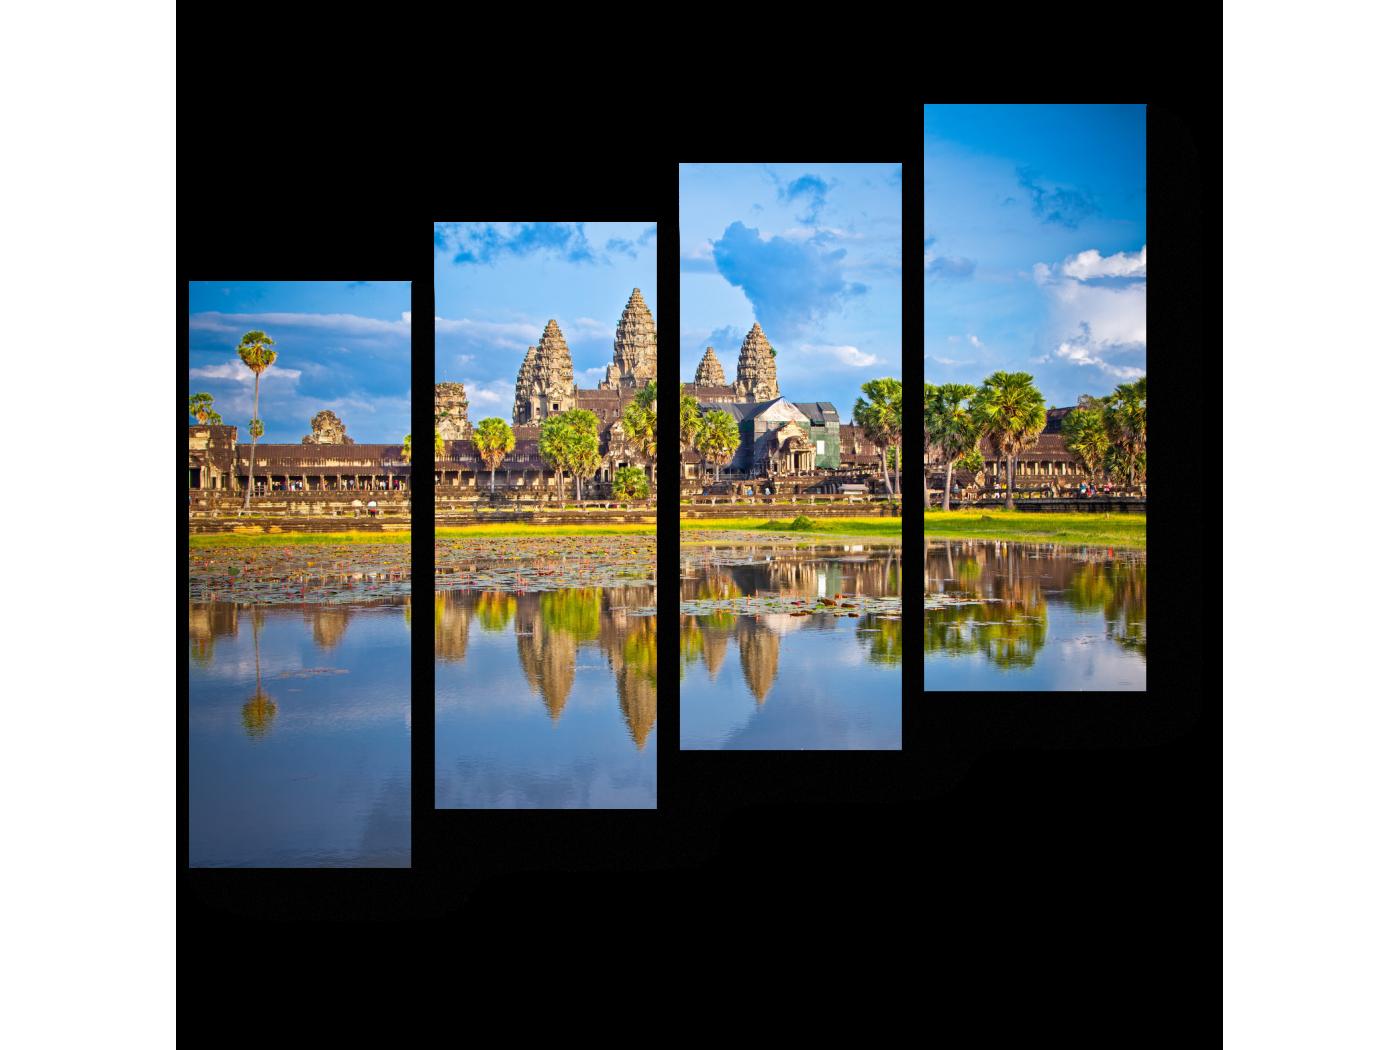 Модульная картина Знаменитый храмовый комплекс Ангкор-Ват (80x69) фото